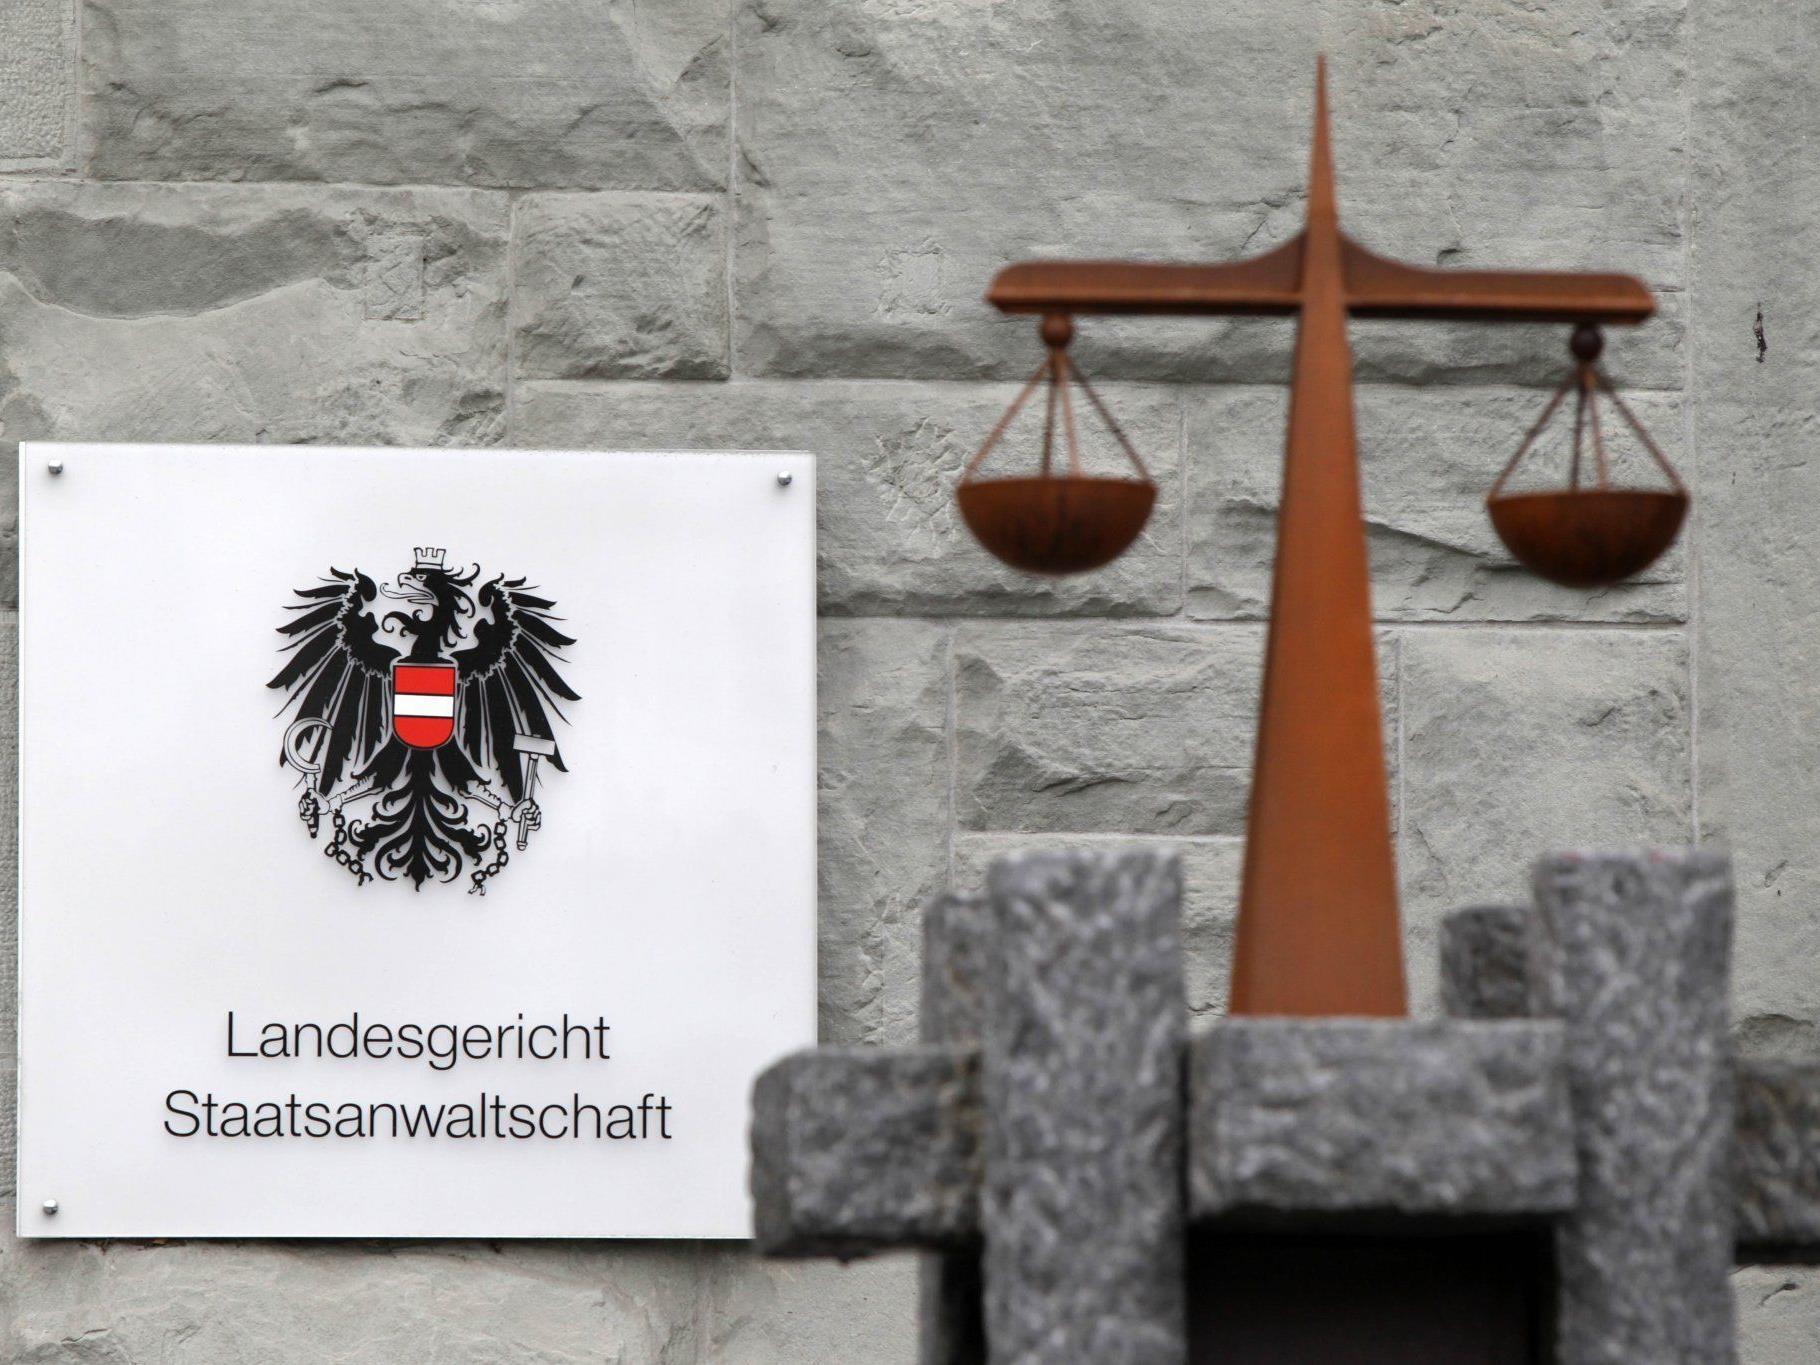 Das Gericht glaubte, dass der Fahrer von der internationalen Frachtmafia ausgenutzt wurde